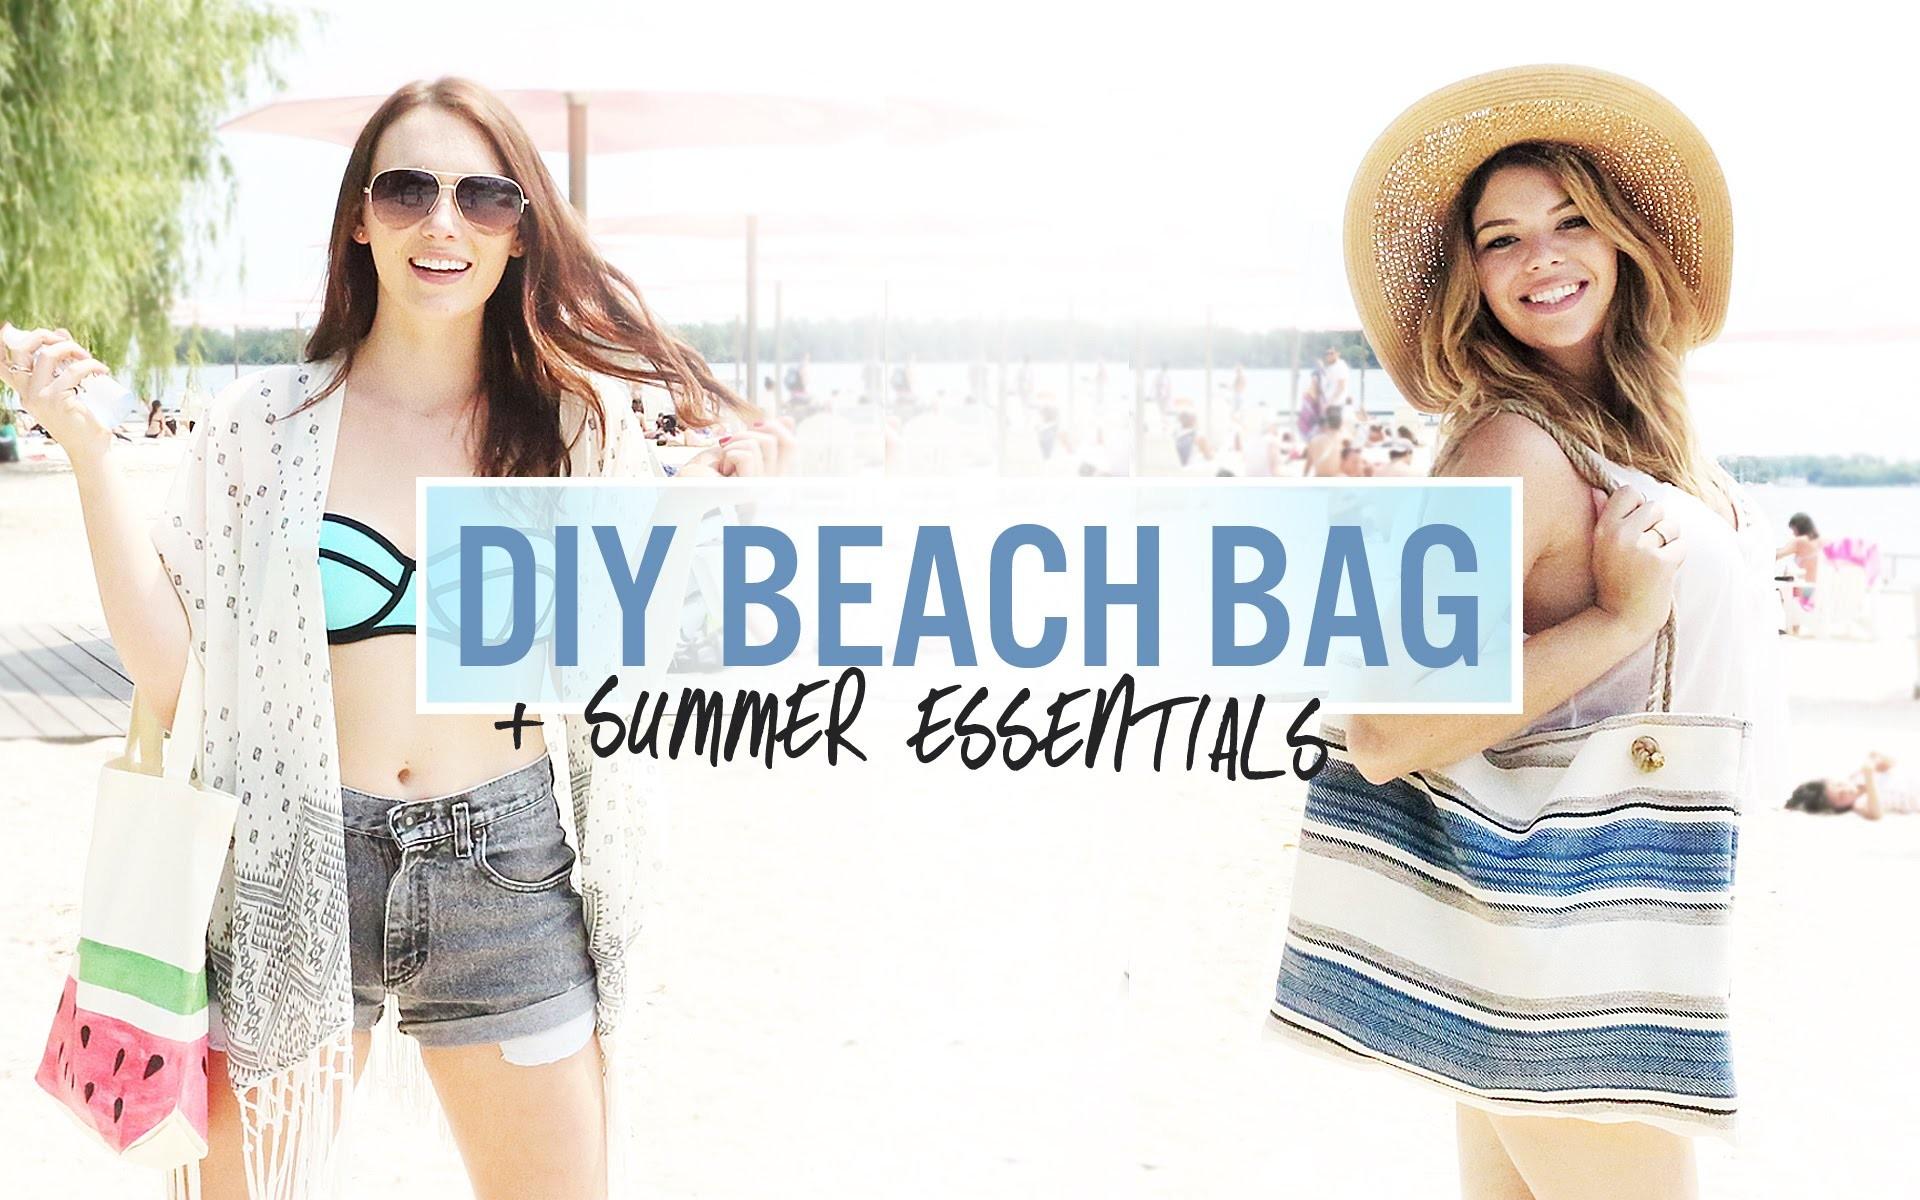 DIY BEACH BAGS + SALT SPRAY | THE SORRY GIRLS